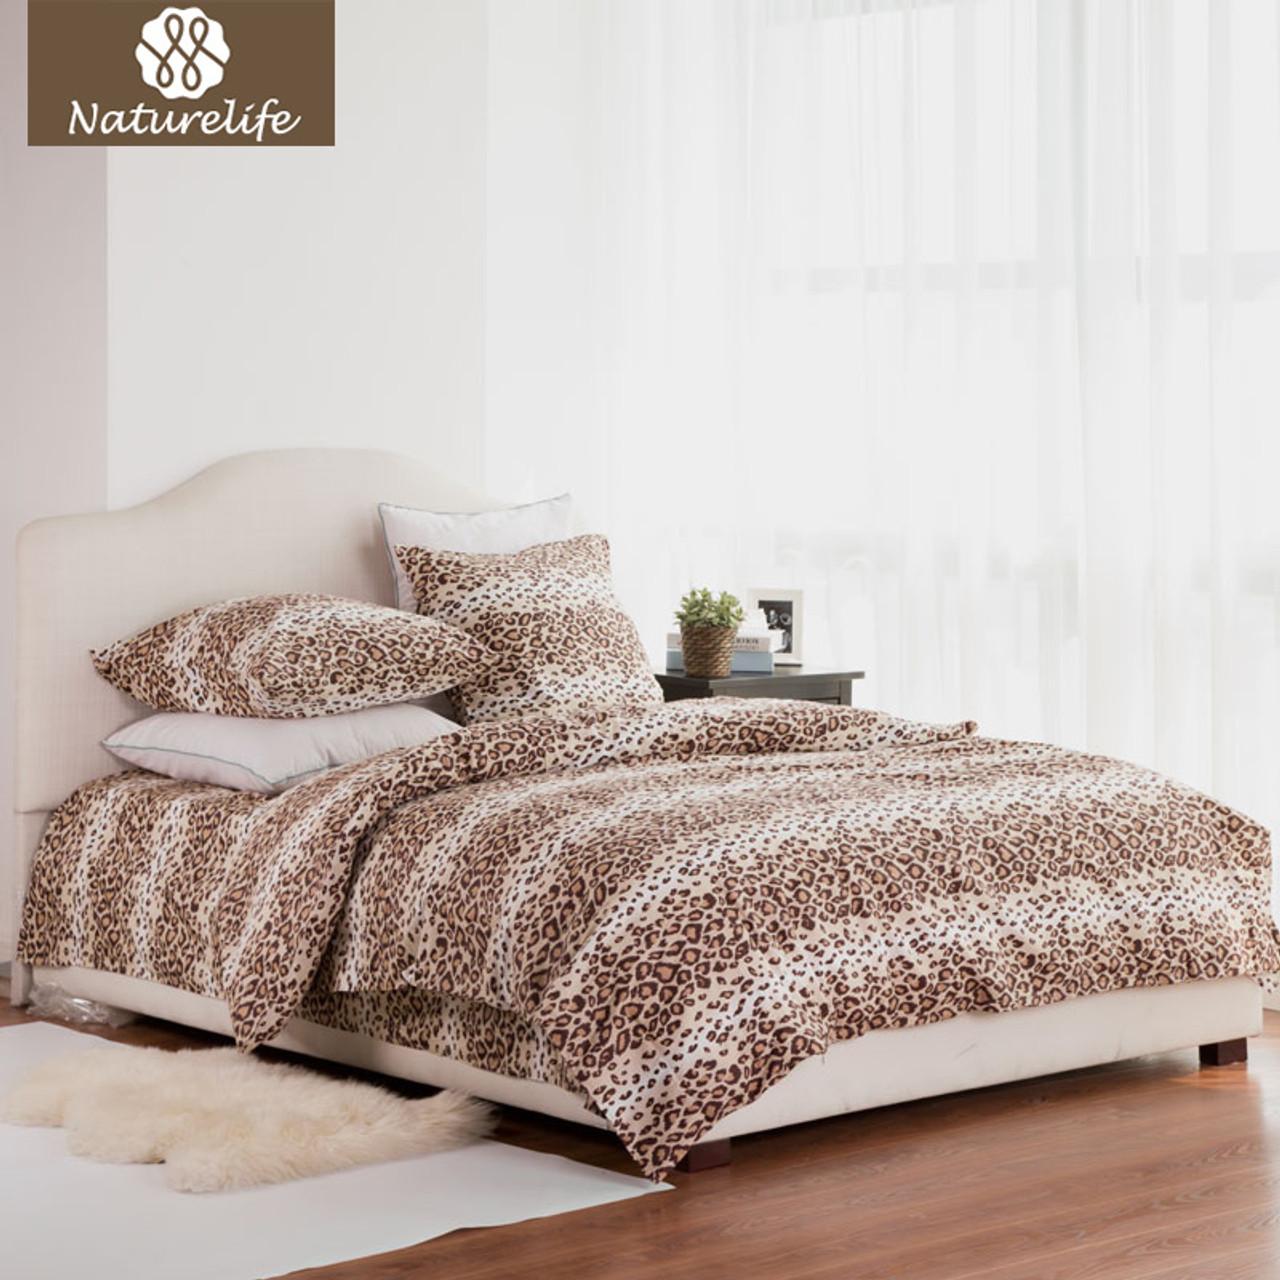 Naturelife 100% Cotton Bedding Set Leopard Duvet Cover Sets Soft Bed Linen  Flat Bed Sheet ...